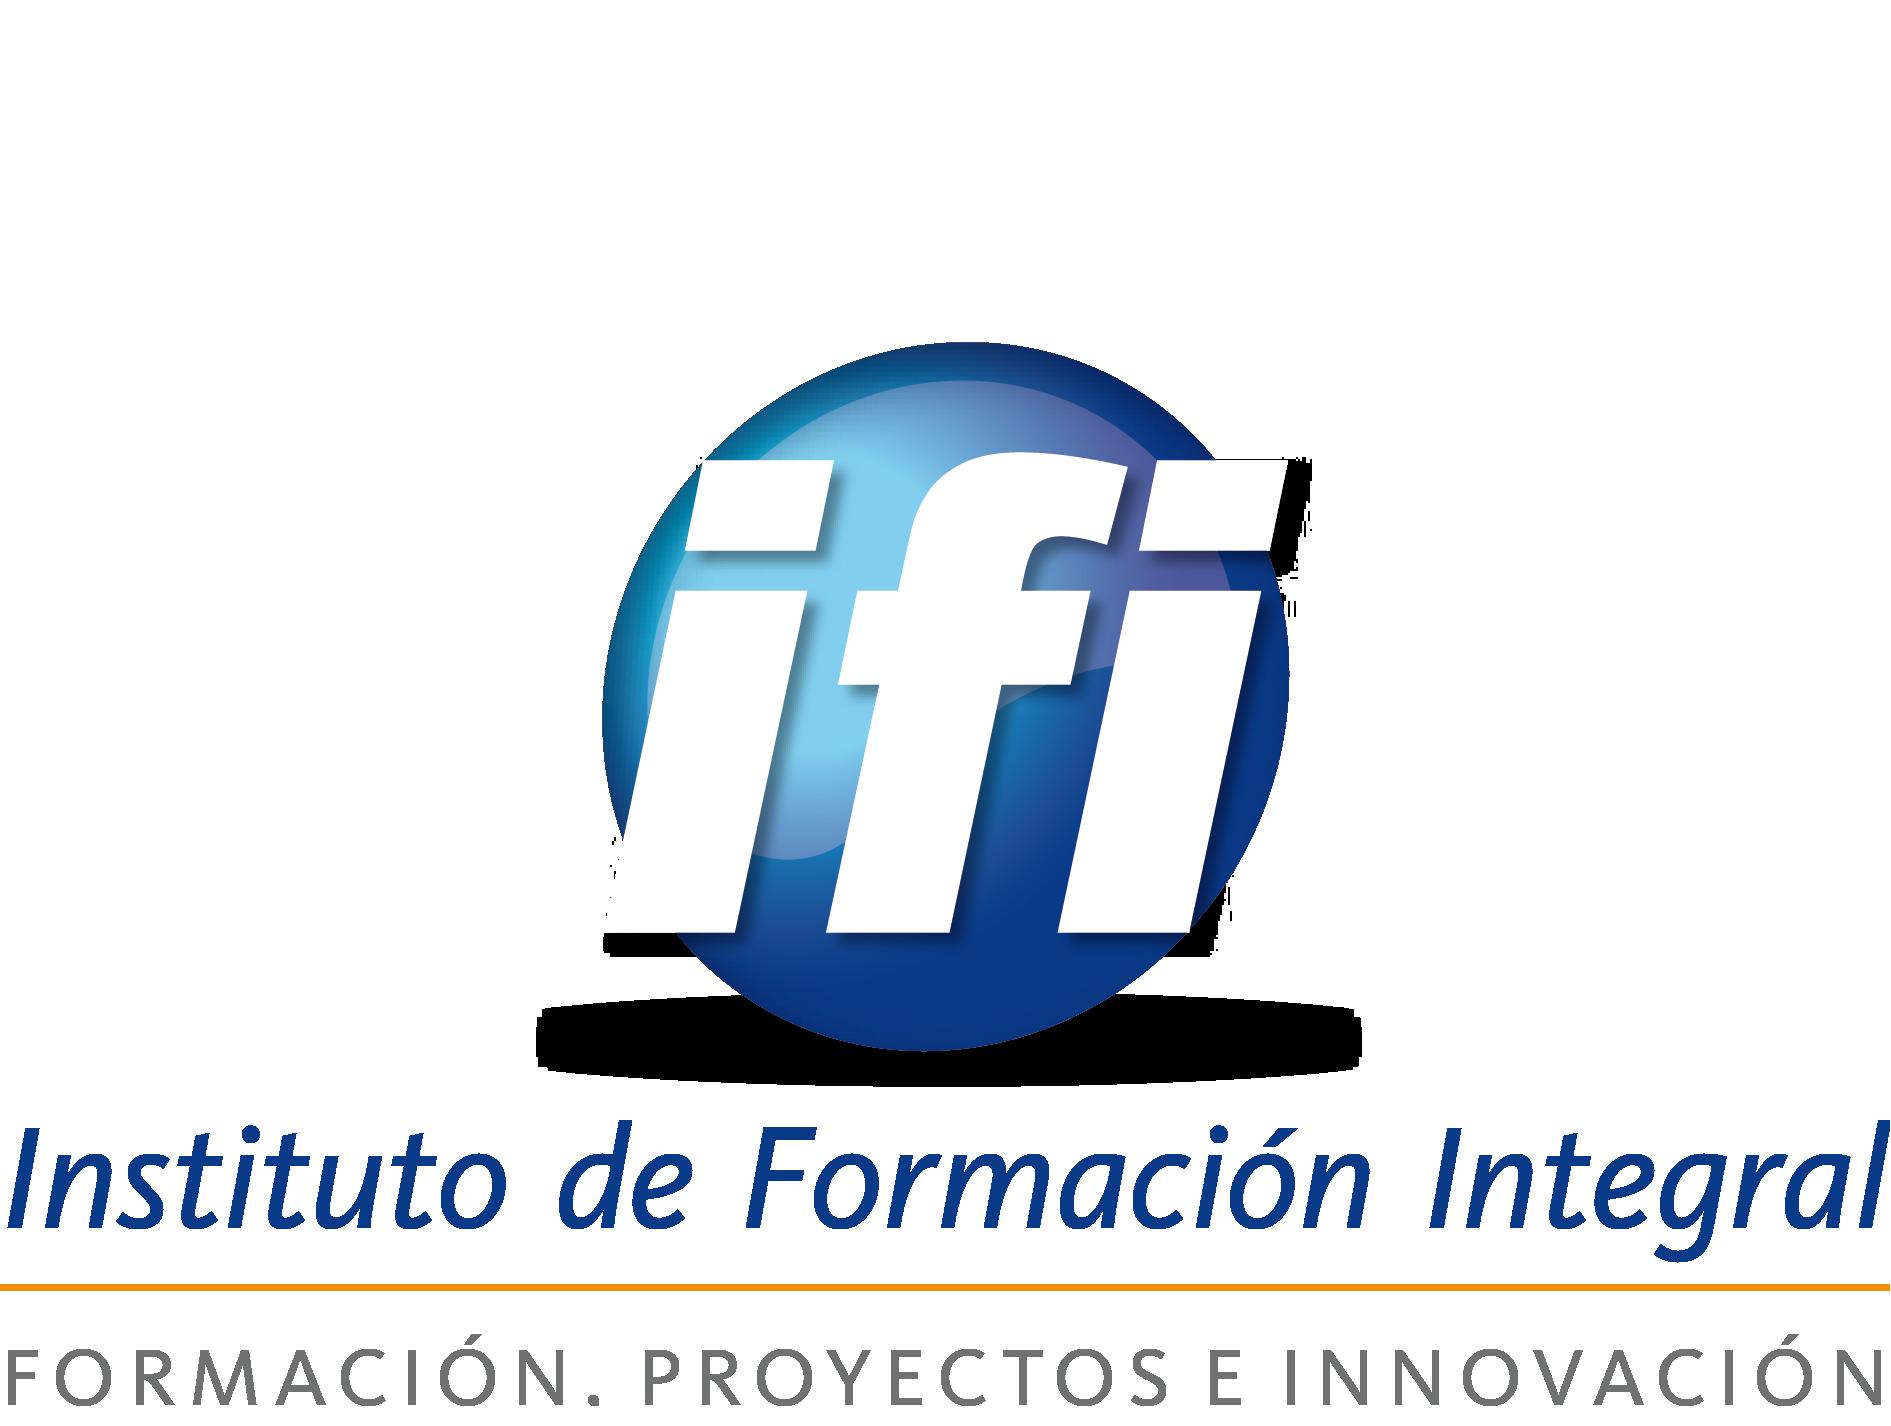 logo IFI